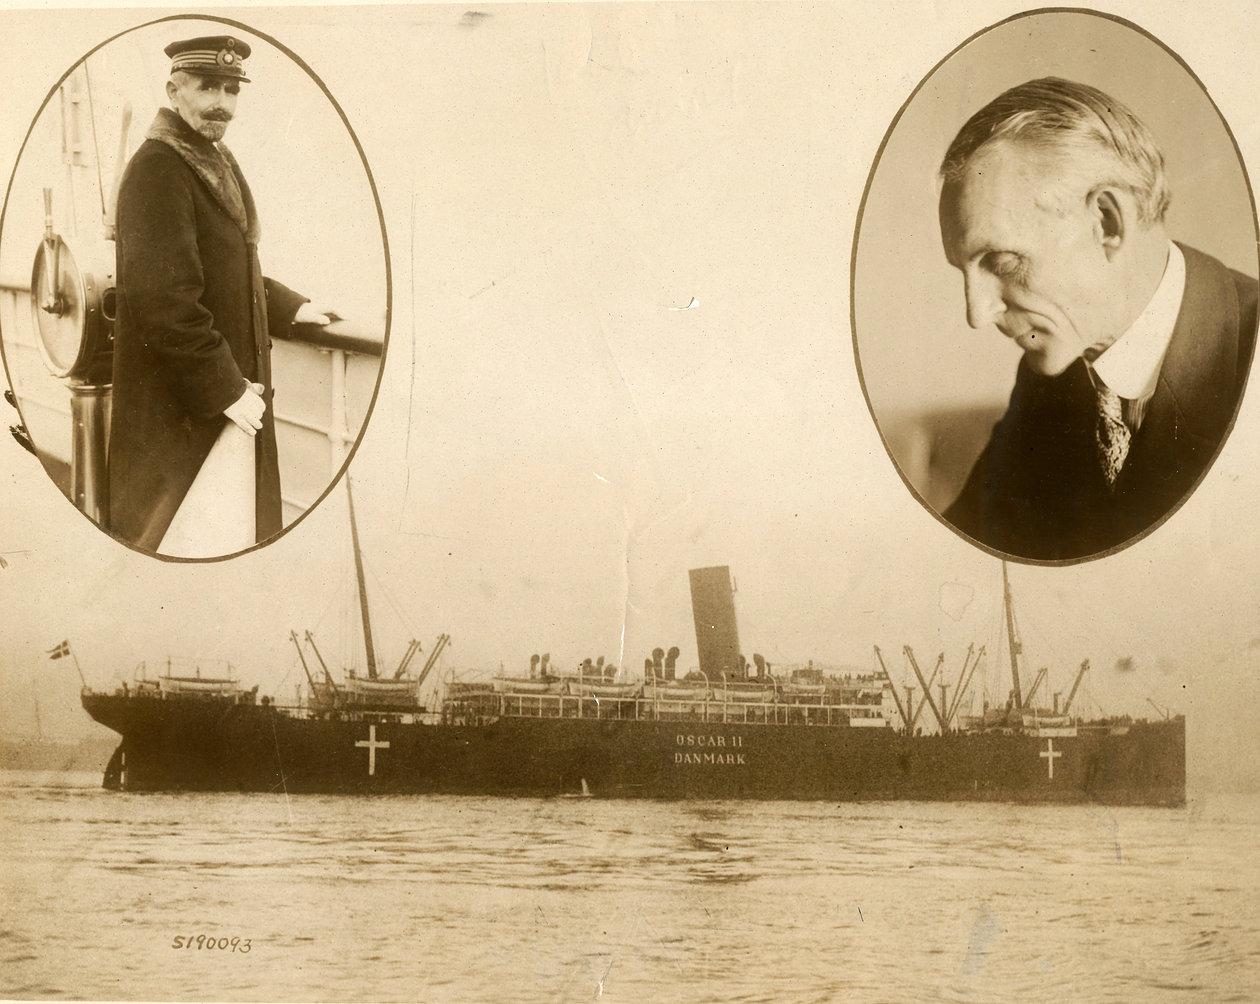 4 décembre 1915 – Le jour ou Henry Ford tenta de mettre fin à la 1re guerre mondiale